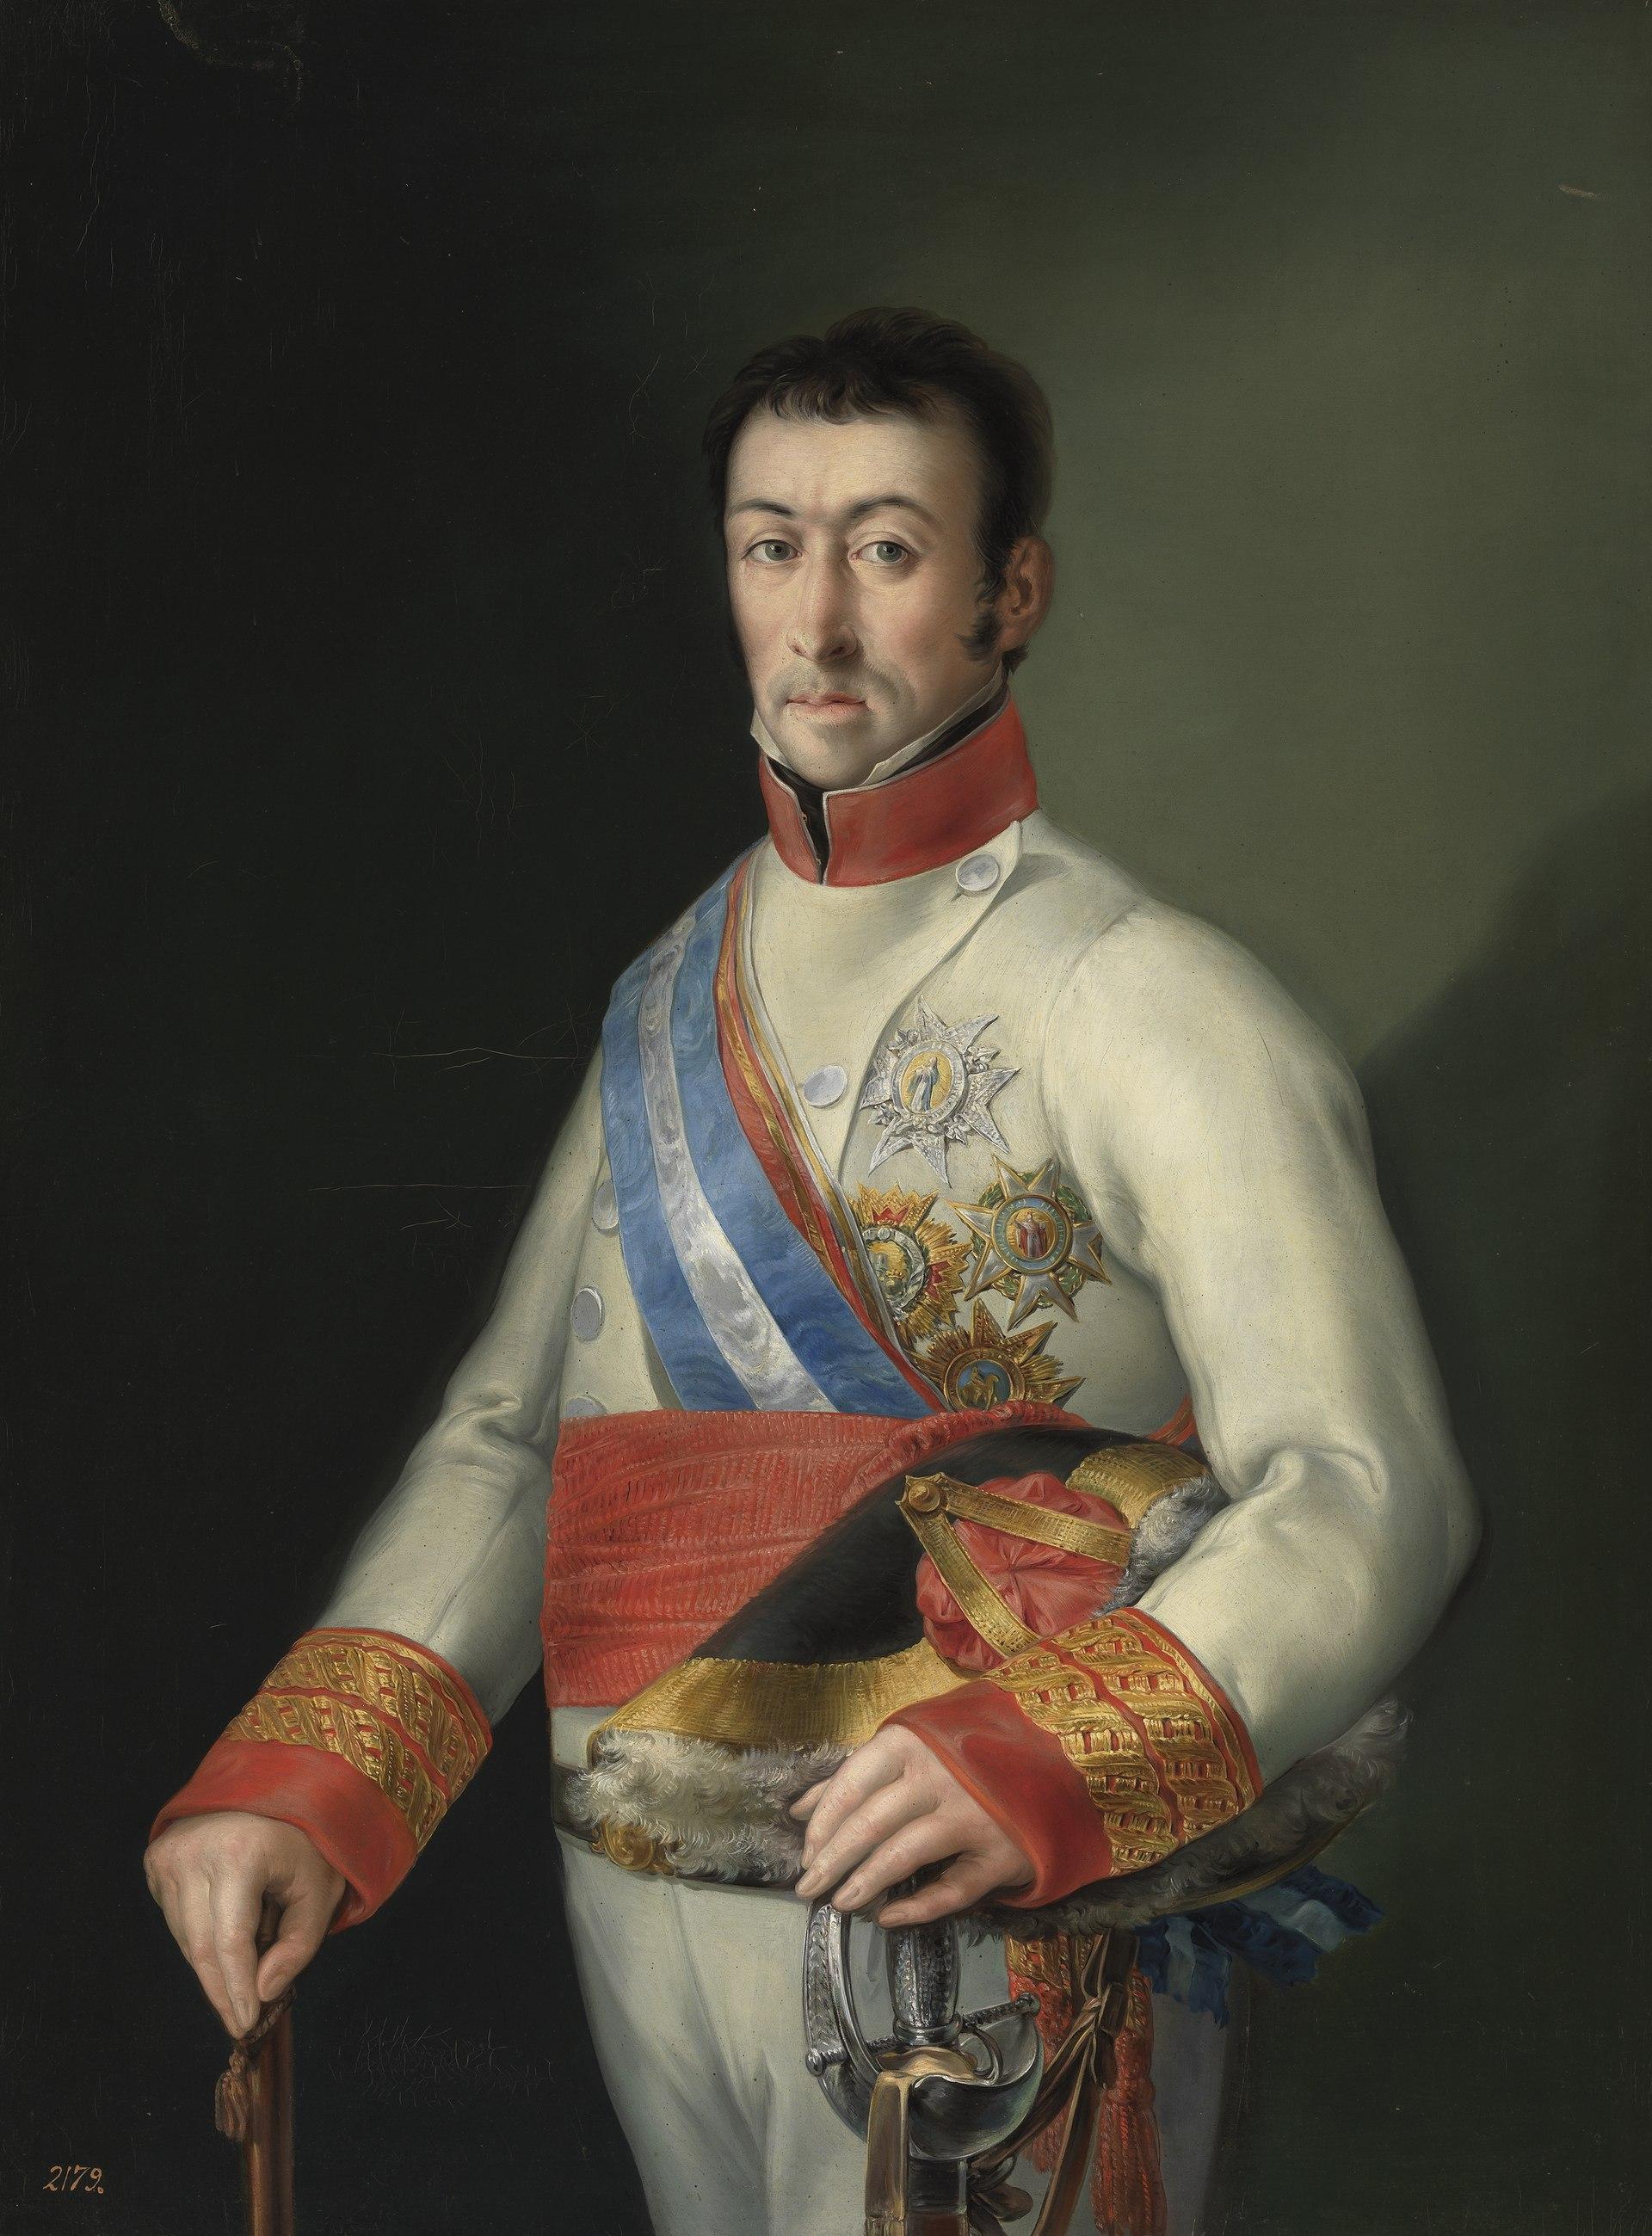 Francisco javier de el o wikipedia la enciclopedia libre for Javier ruiz hidalgo